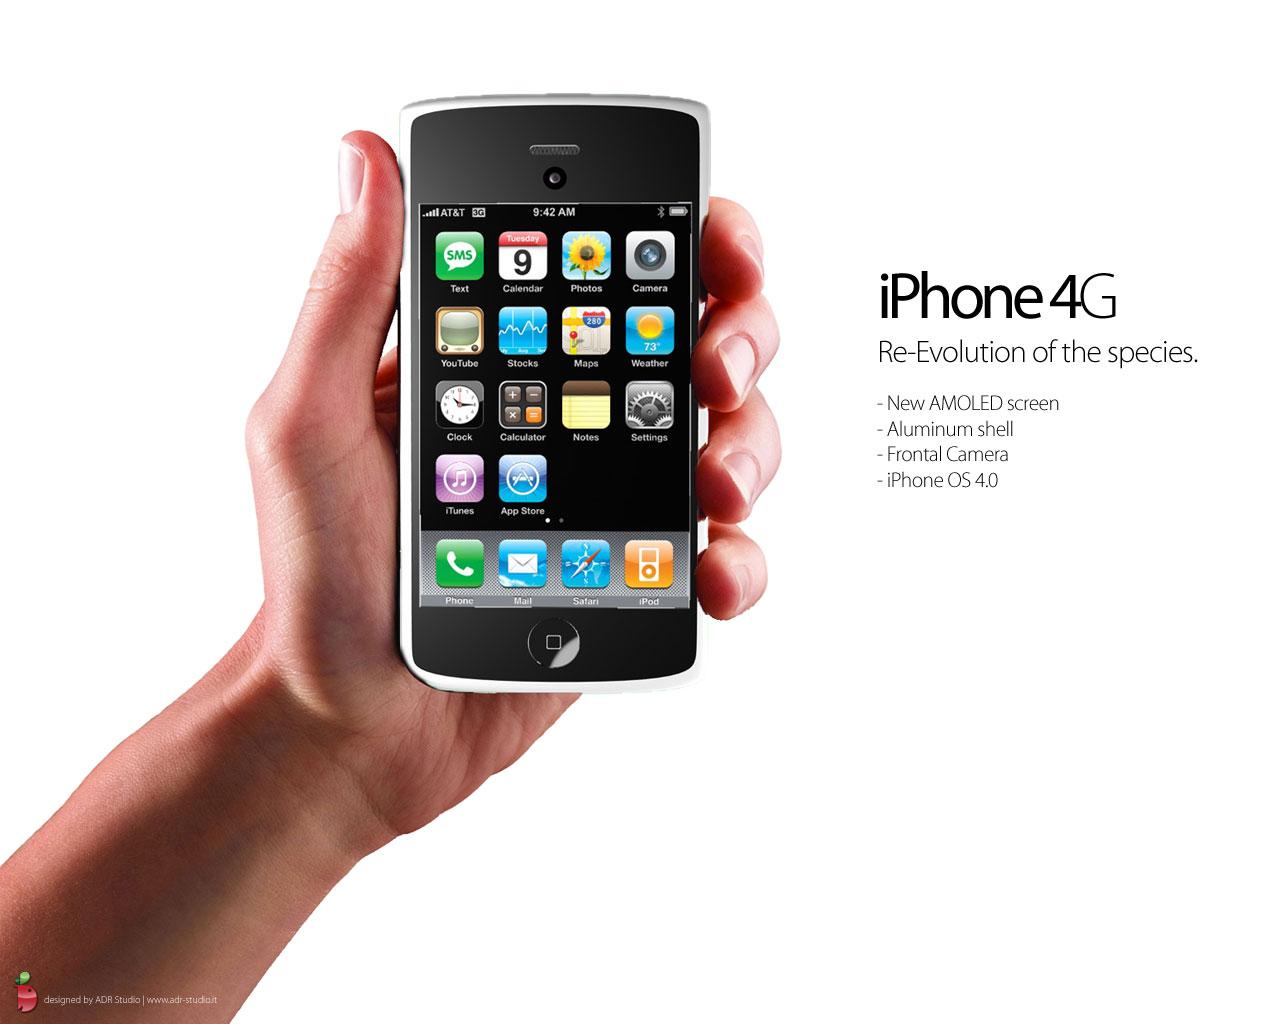 Conceito de iPhone 4G da ADR Studio